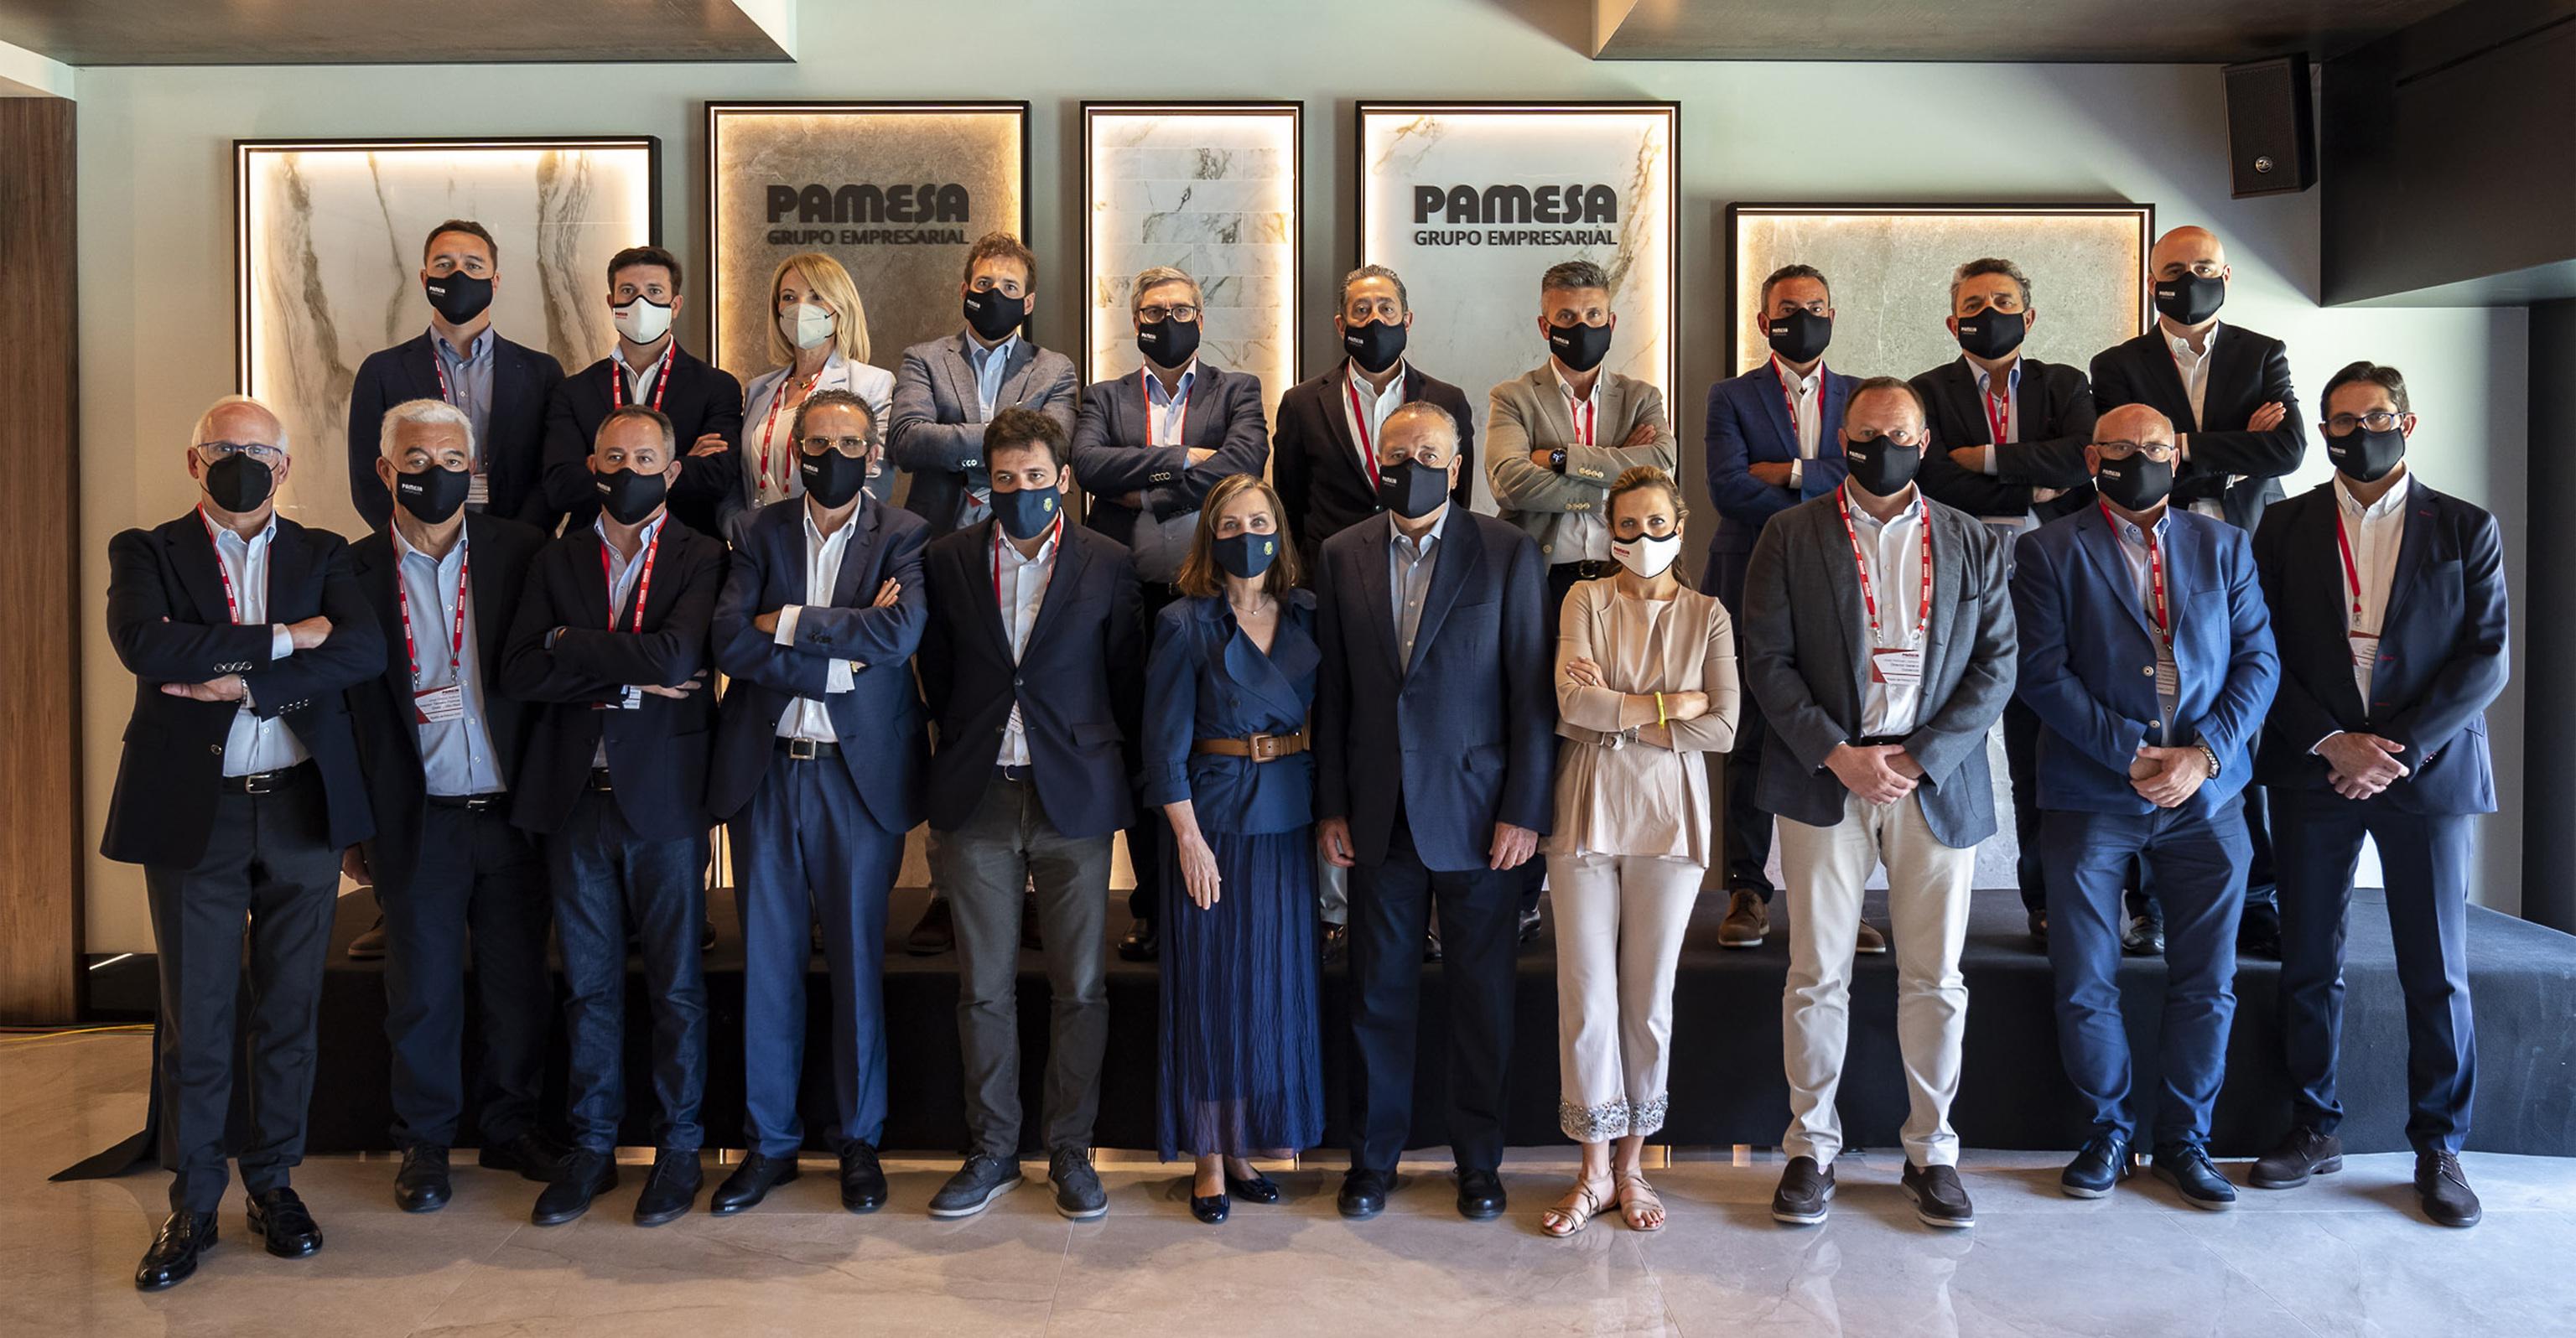 El presidente del Grupo Empresarial Pamesa, Fernando Roig, junto con los directivos de la compañía que lidera la producción azulejera en Europa.